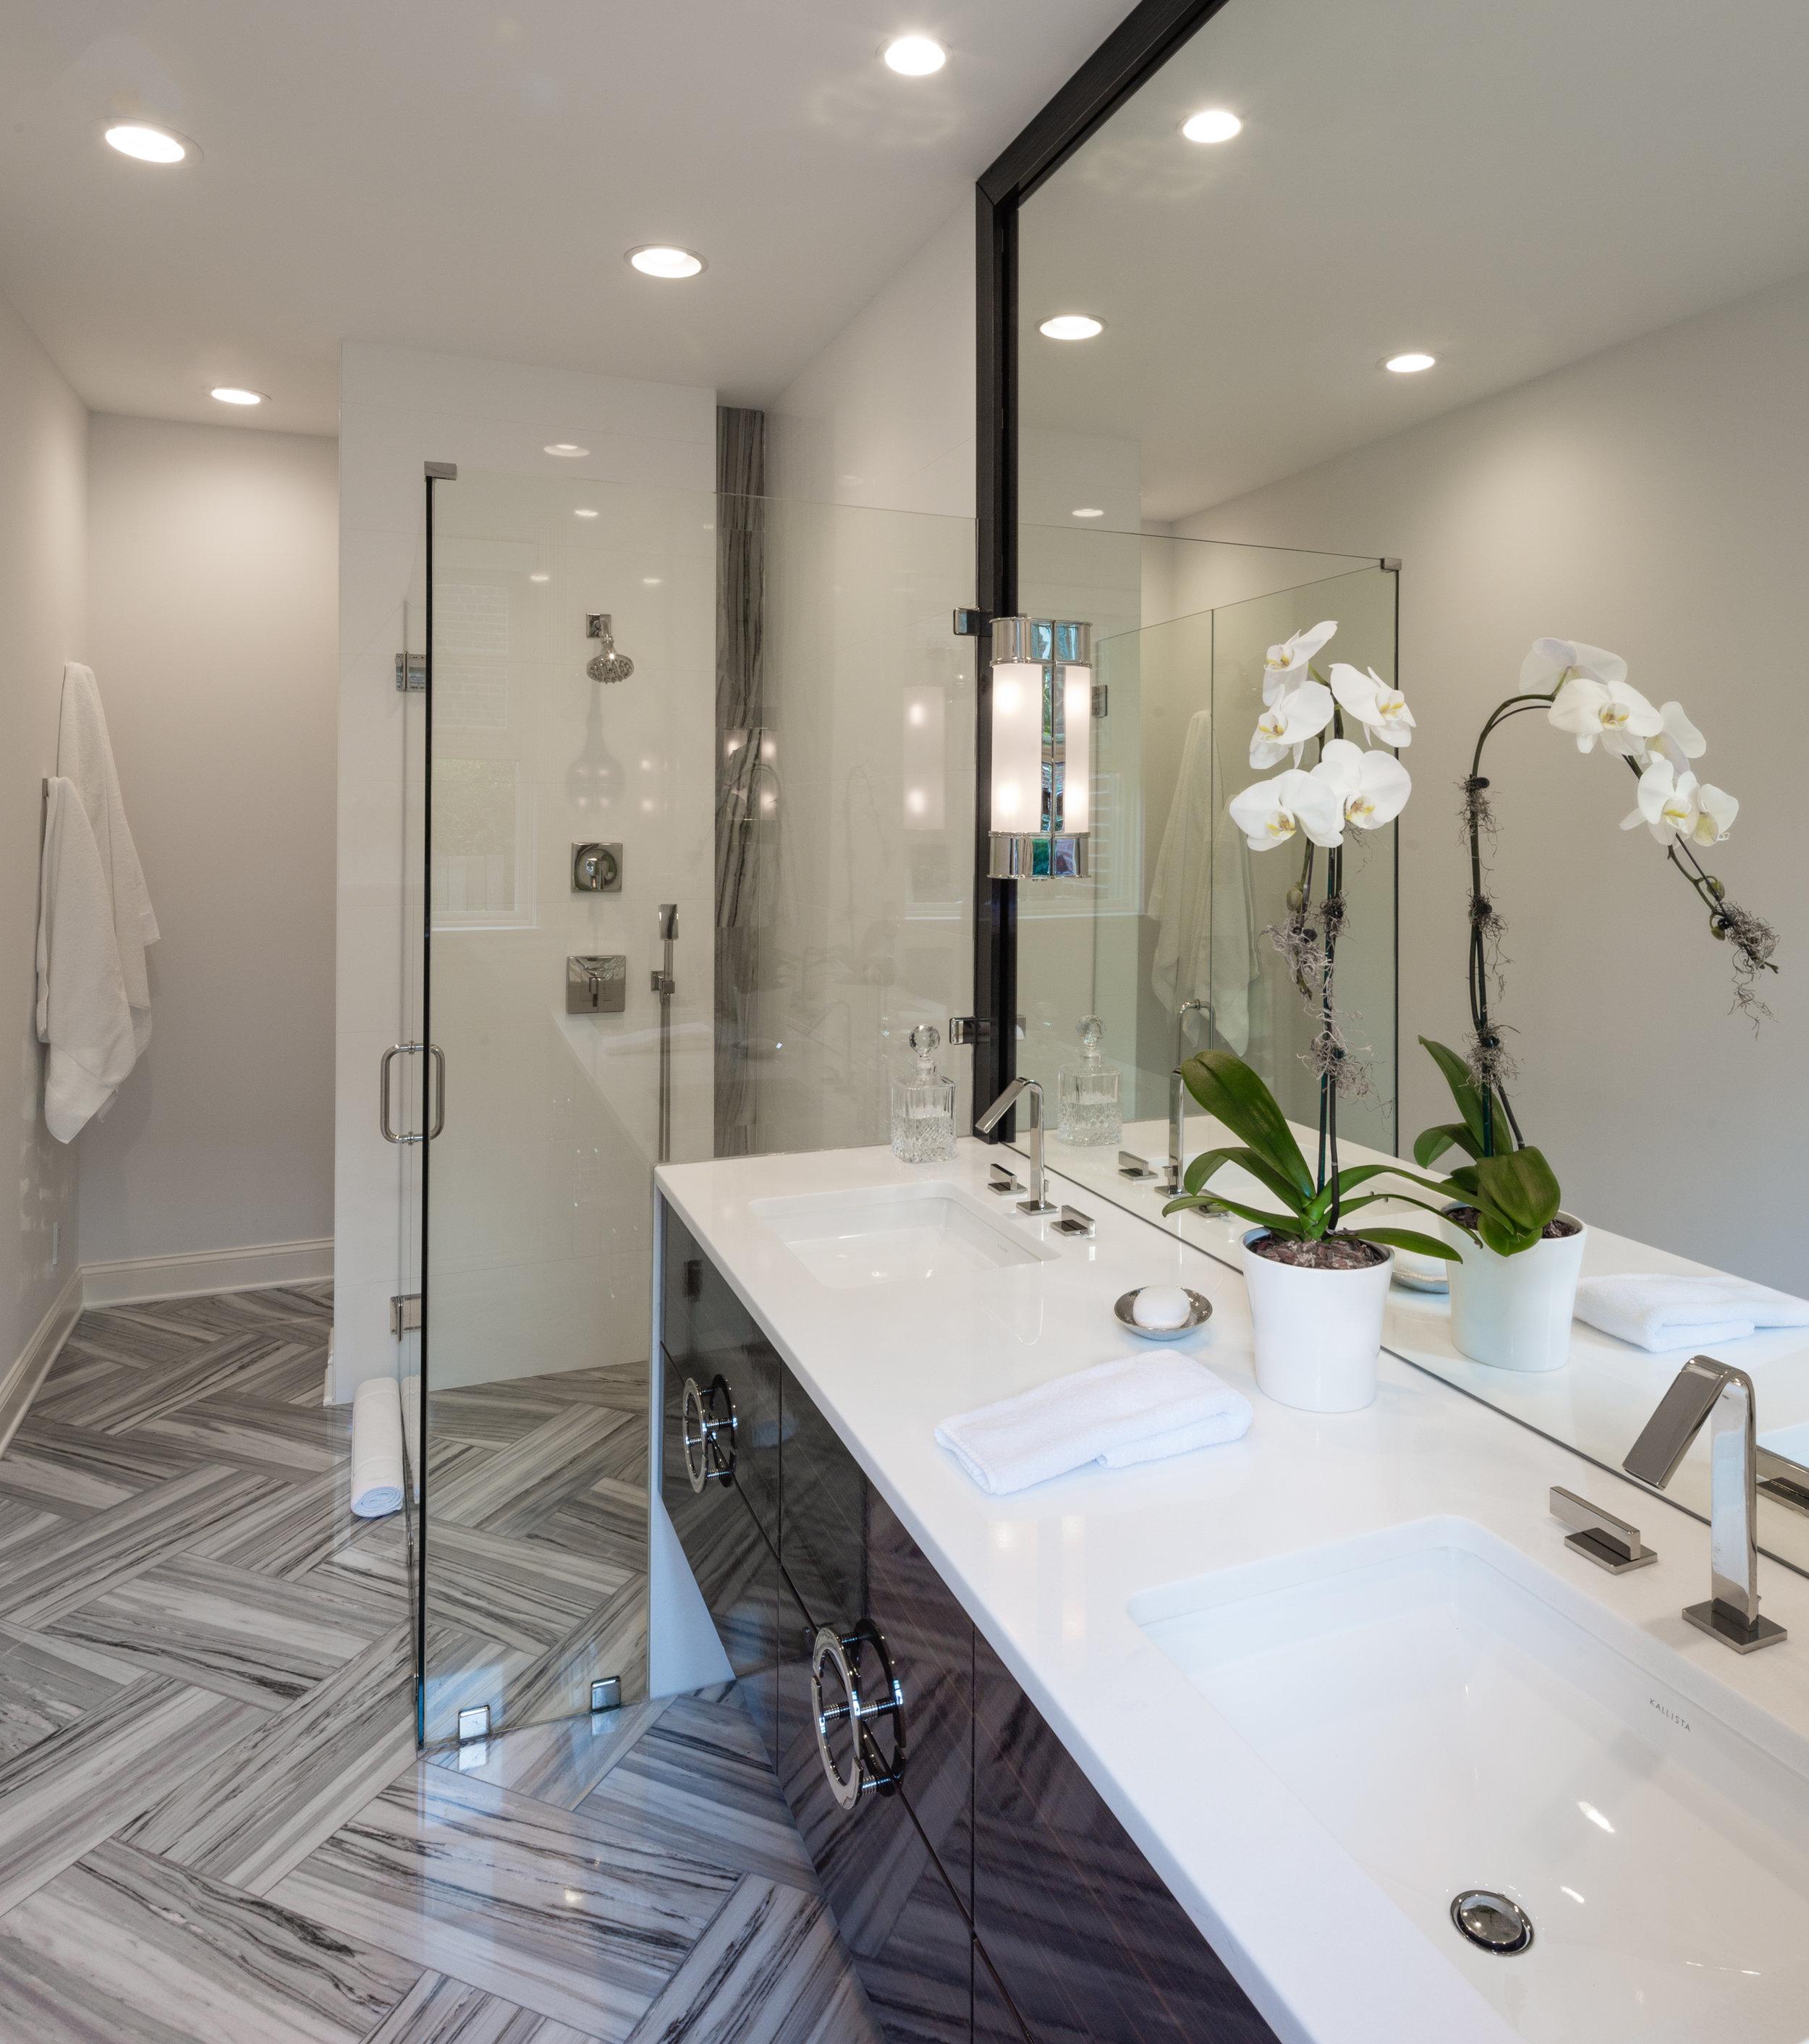 Inman Bathroom One.jpg